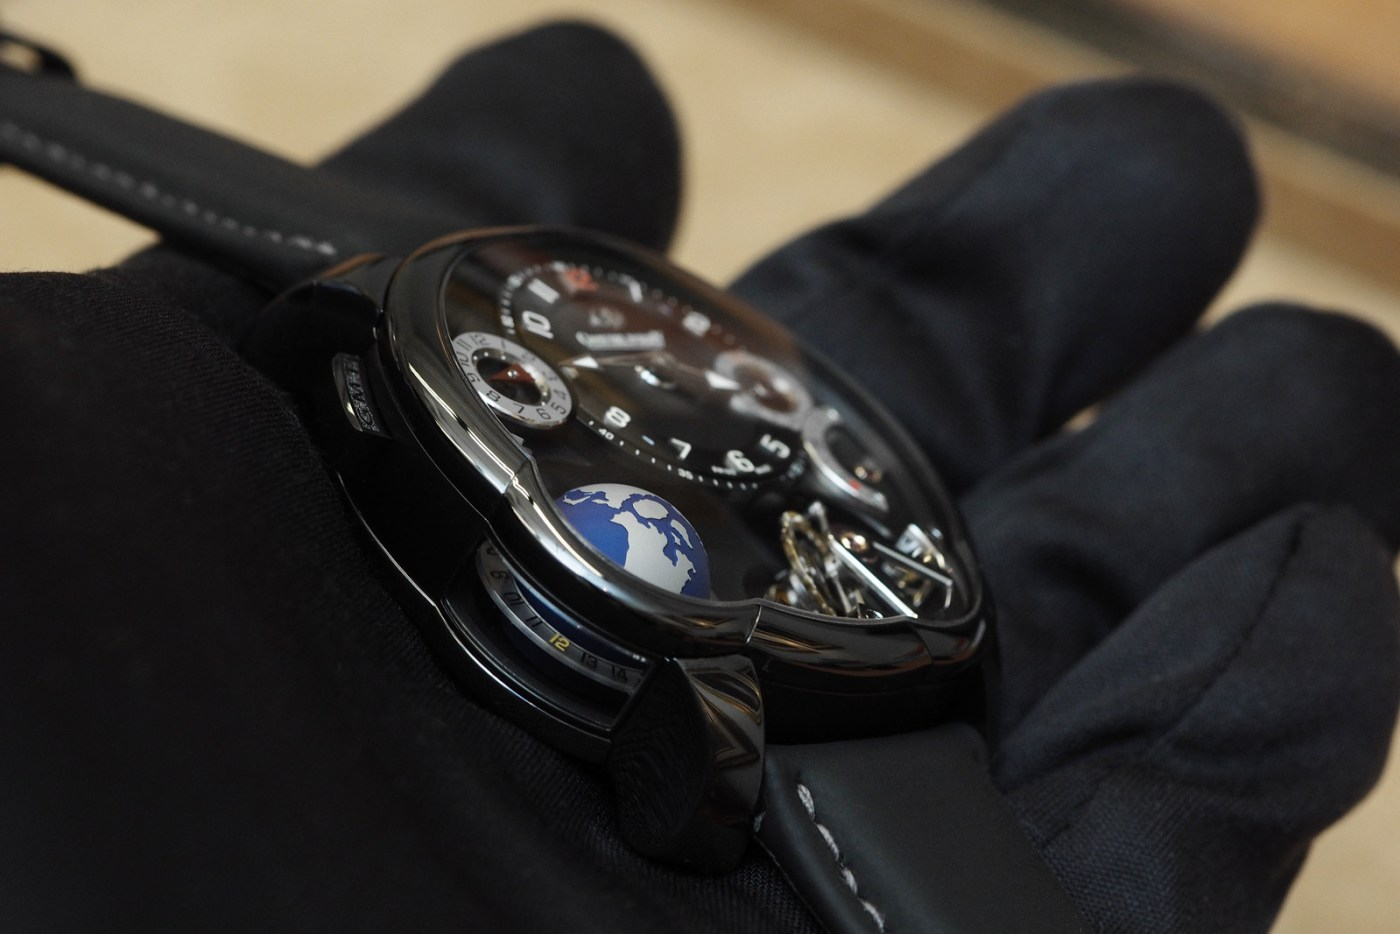 Greubel Forsey GMT Black side